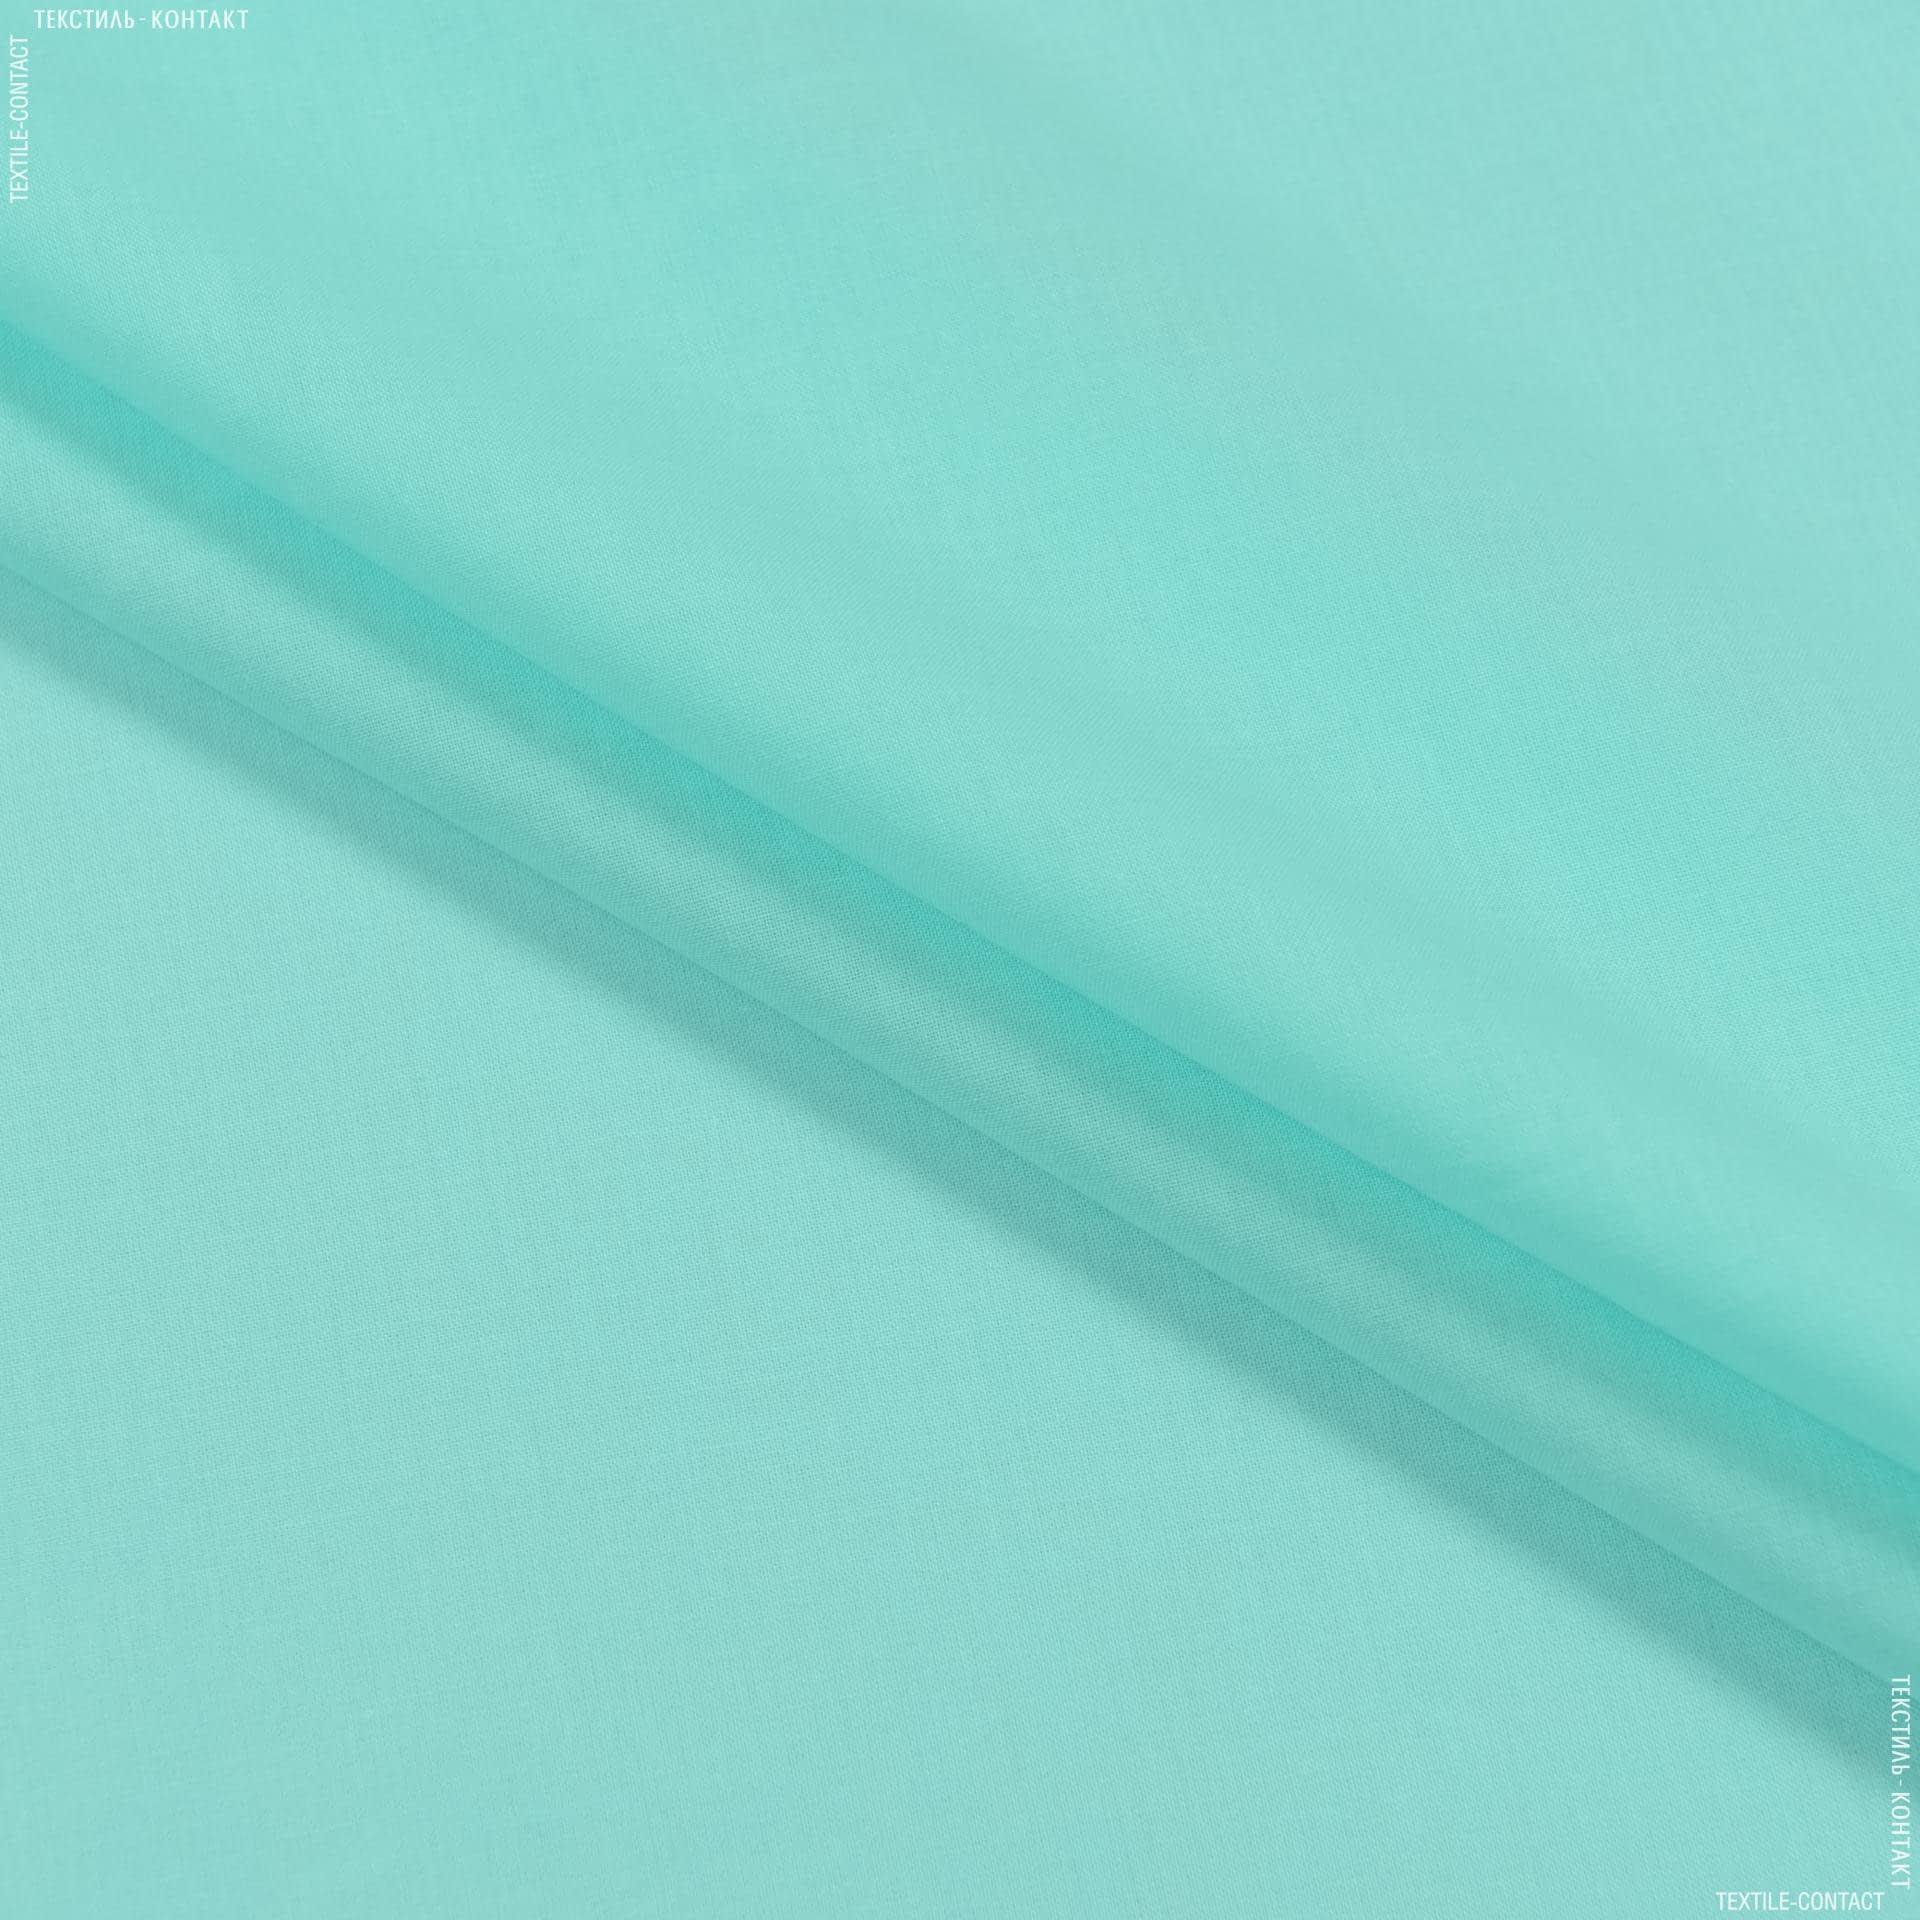 Тканини для дитячого одягу - Батист світло-м'ятний